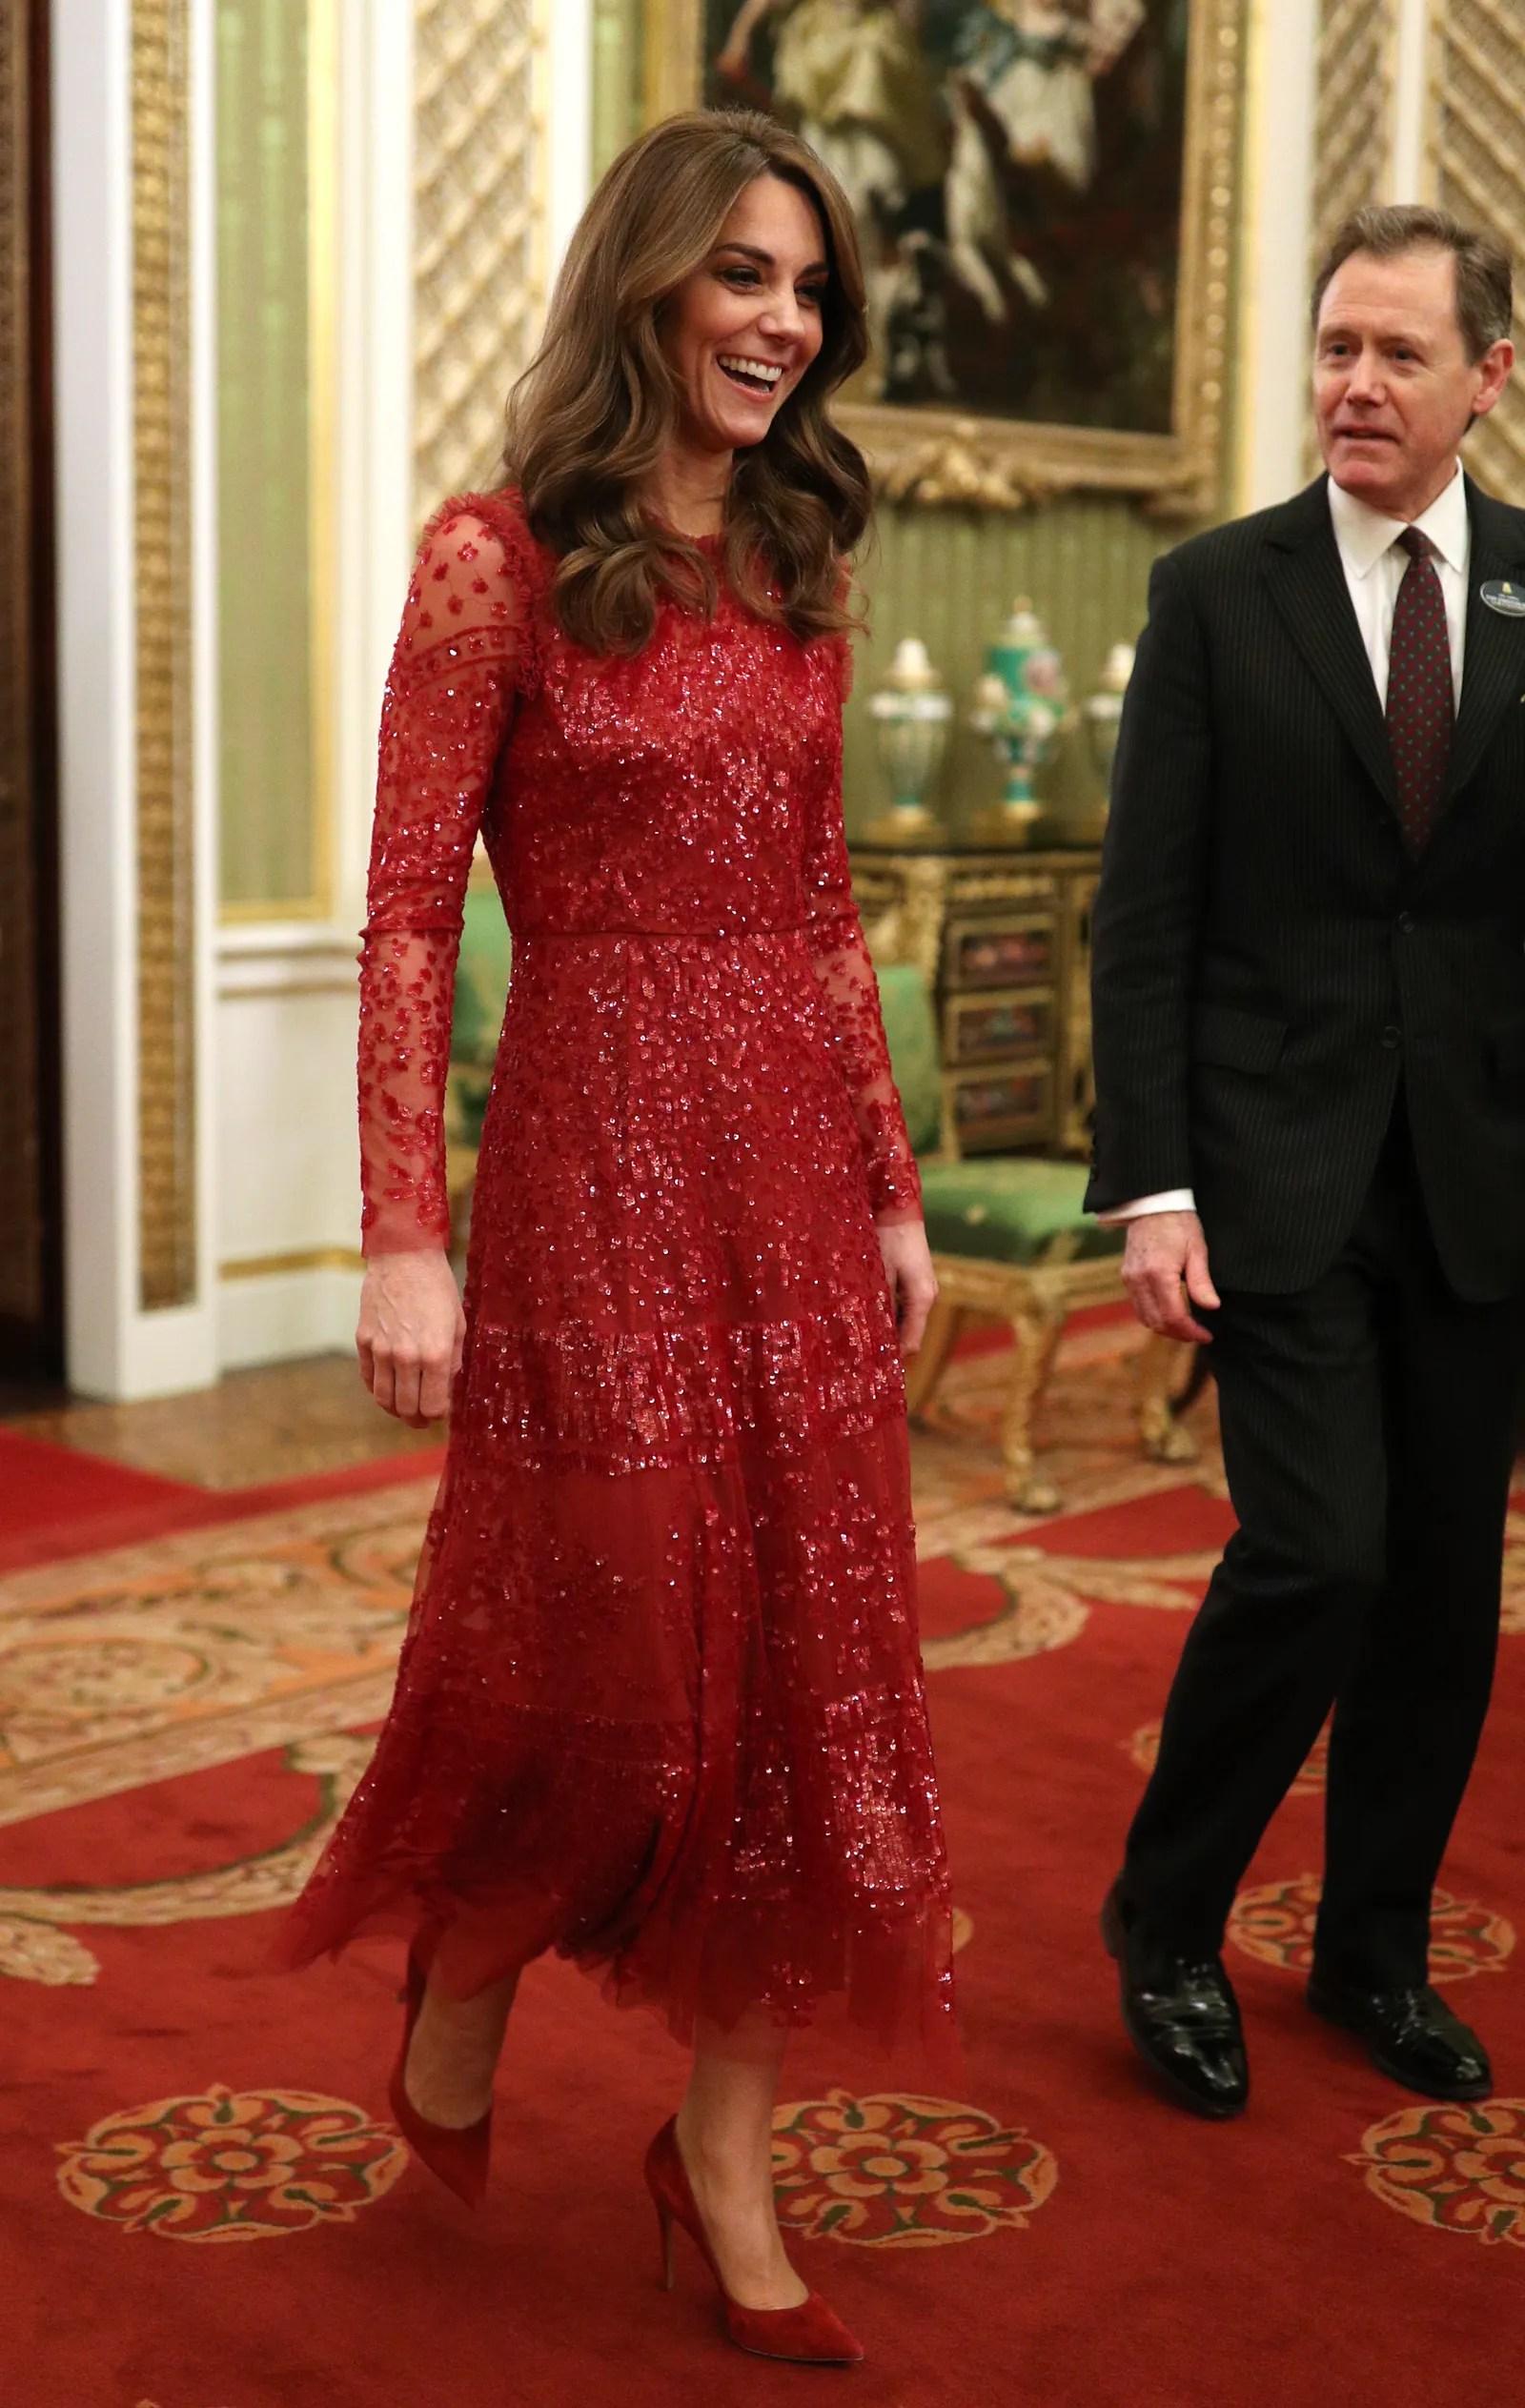 Kate Middleton Duchess Of Cambridge : middleton, duchess, cambridge, Middleton, Dazzles, Beaded, Dress, Reception, Buckingham, Palace, Glamour